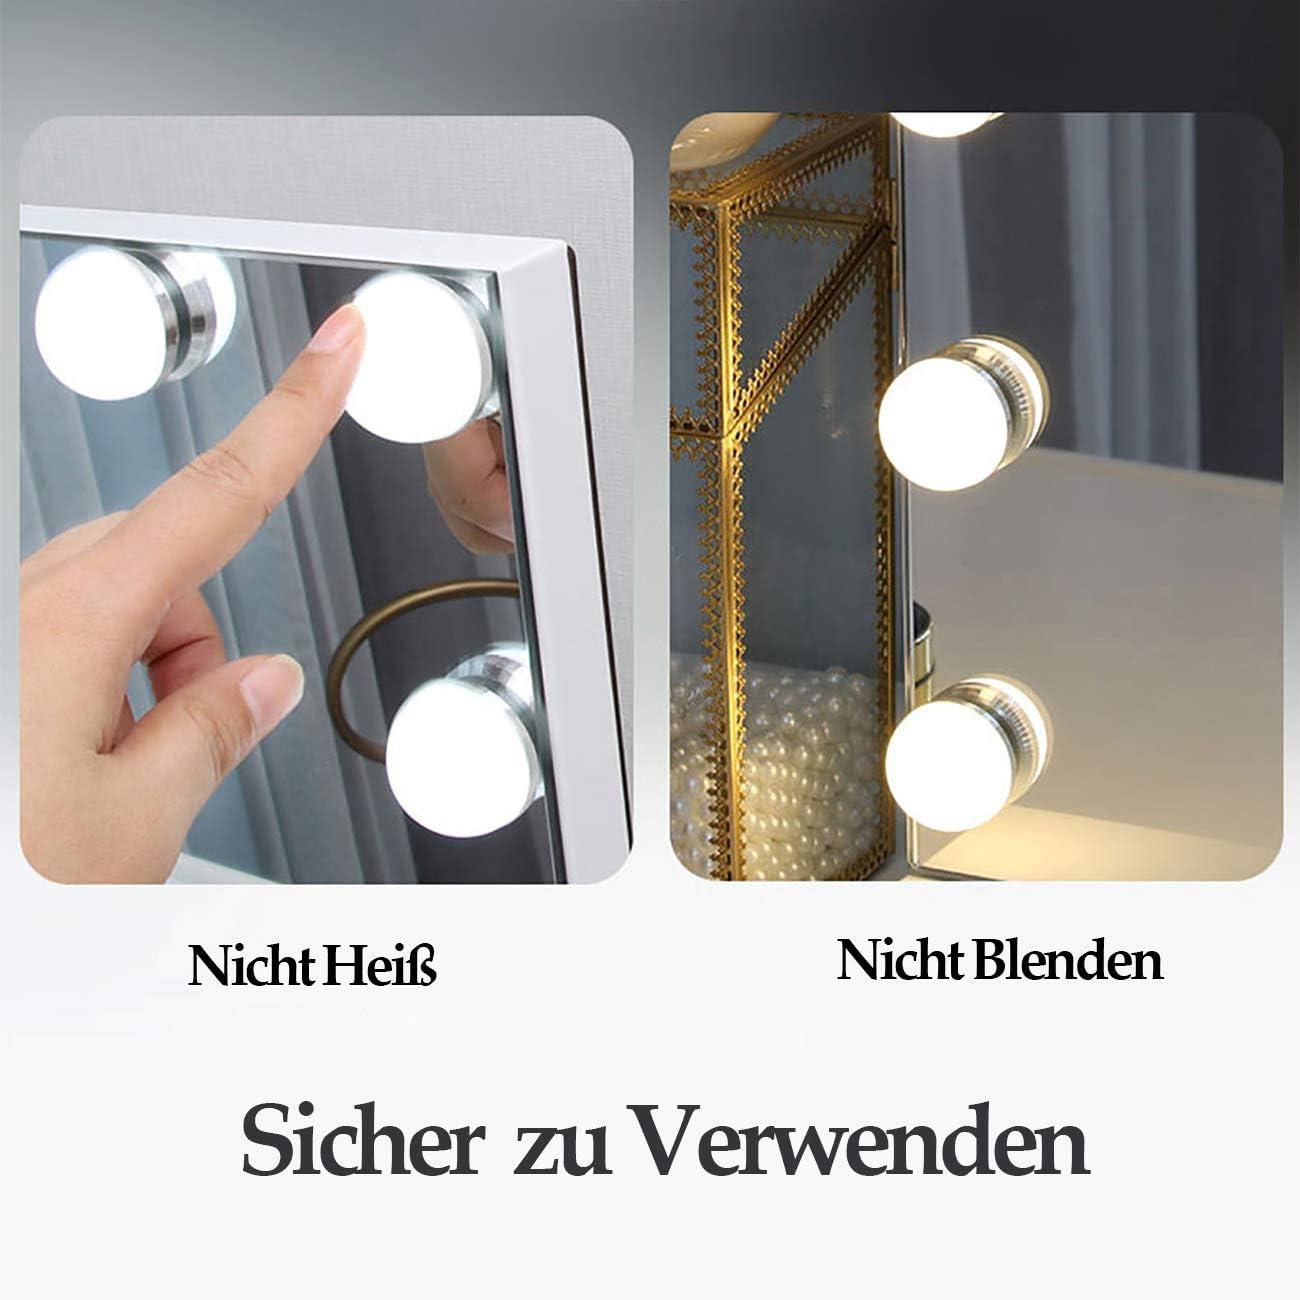 DAYU Hollywood-Stil Speigel mit Beleuchtung Schminkspiegel Theaterspiegel mit Licht 3 Farbtemperatur 18 dimmbare LED Lampen